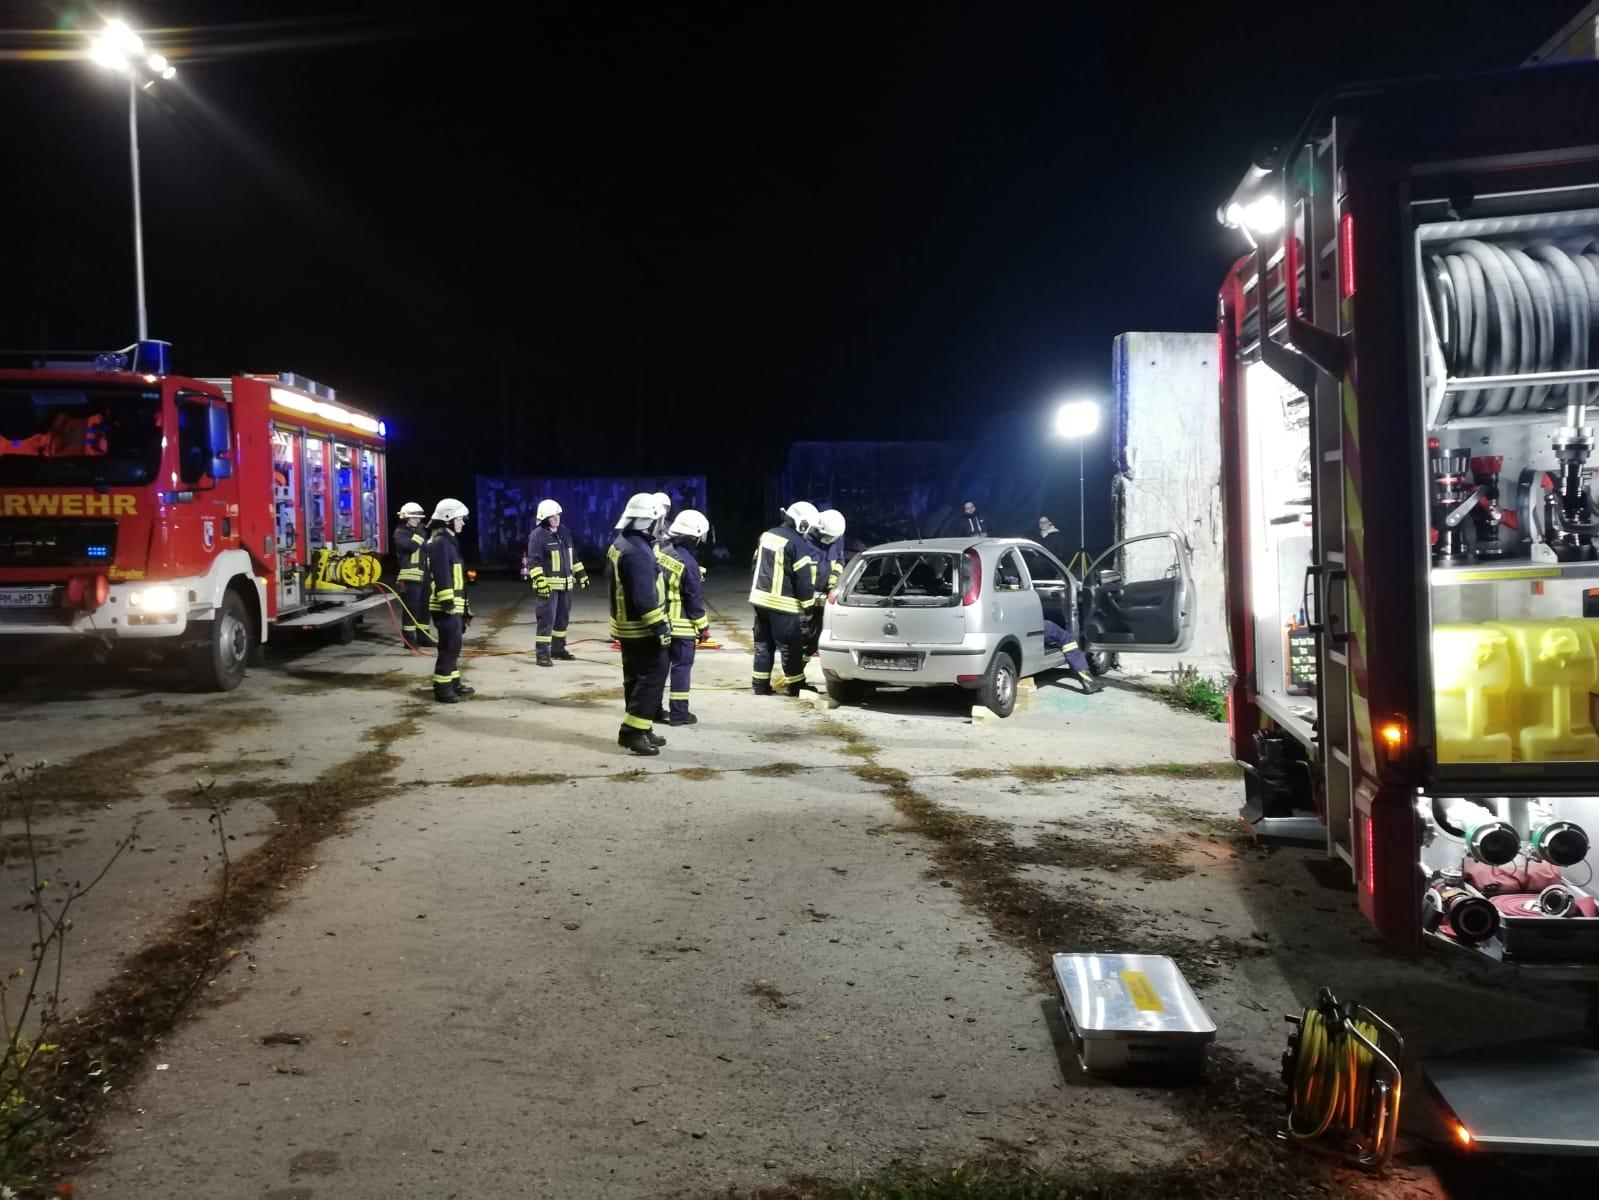 2019-10-23_Feuerwehr-trainiert-Verkehrsunfallhilfe_14